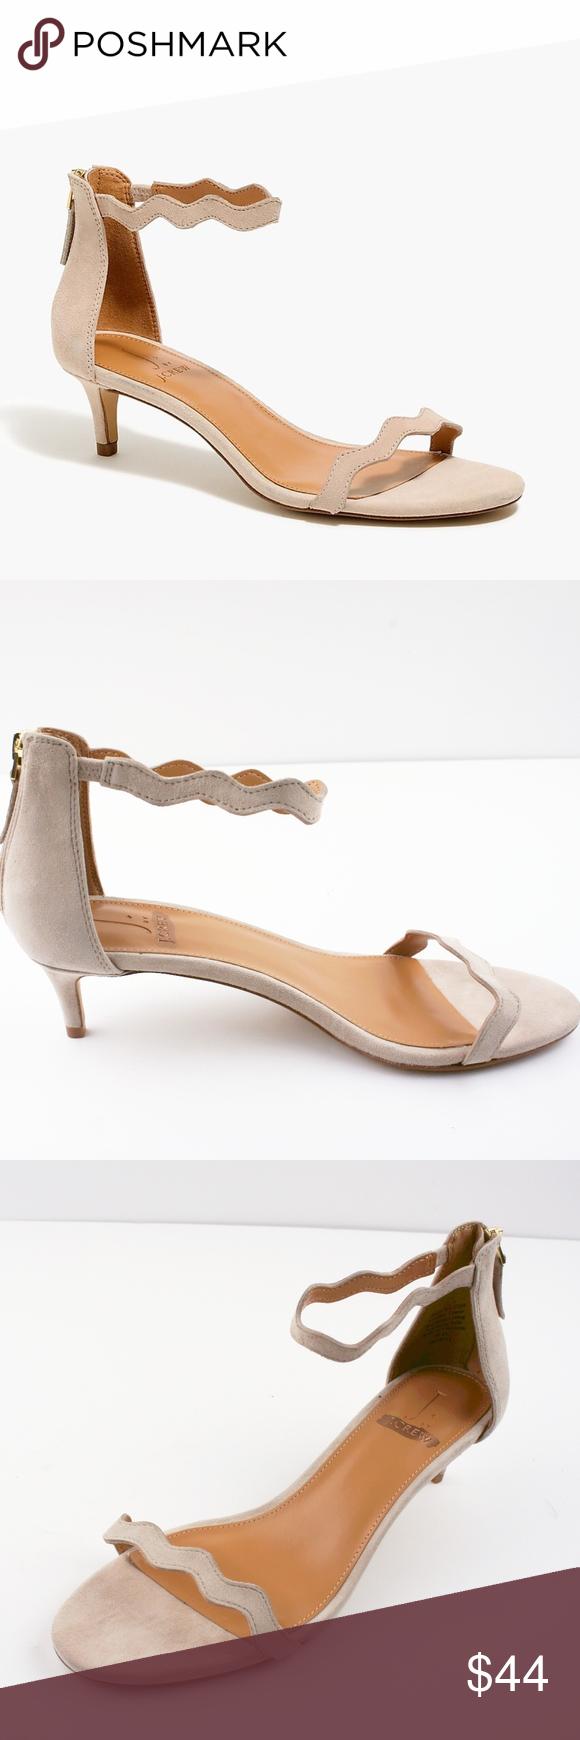 New Jcrew Strappy Scalloped Suede Kitten Heels Heels Kitten Heels Shoes Women Heels